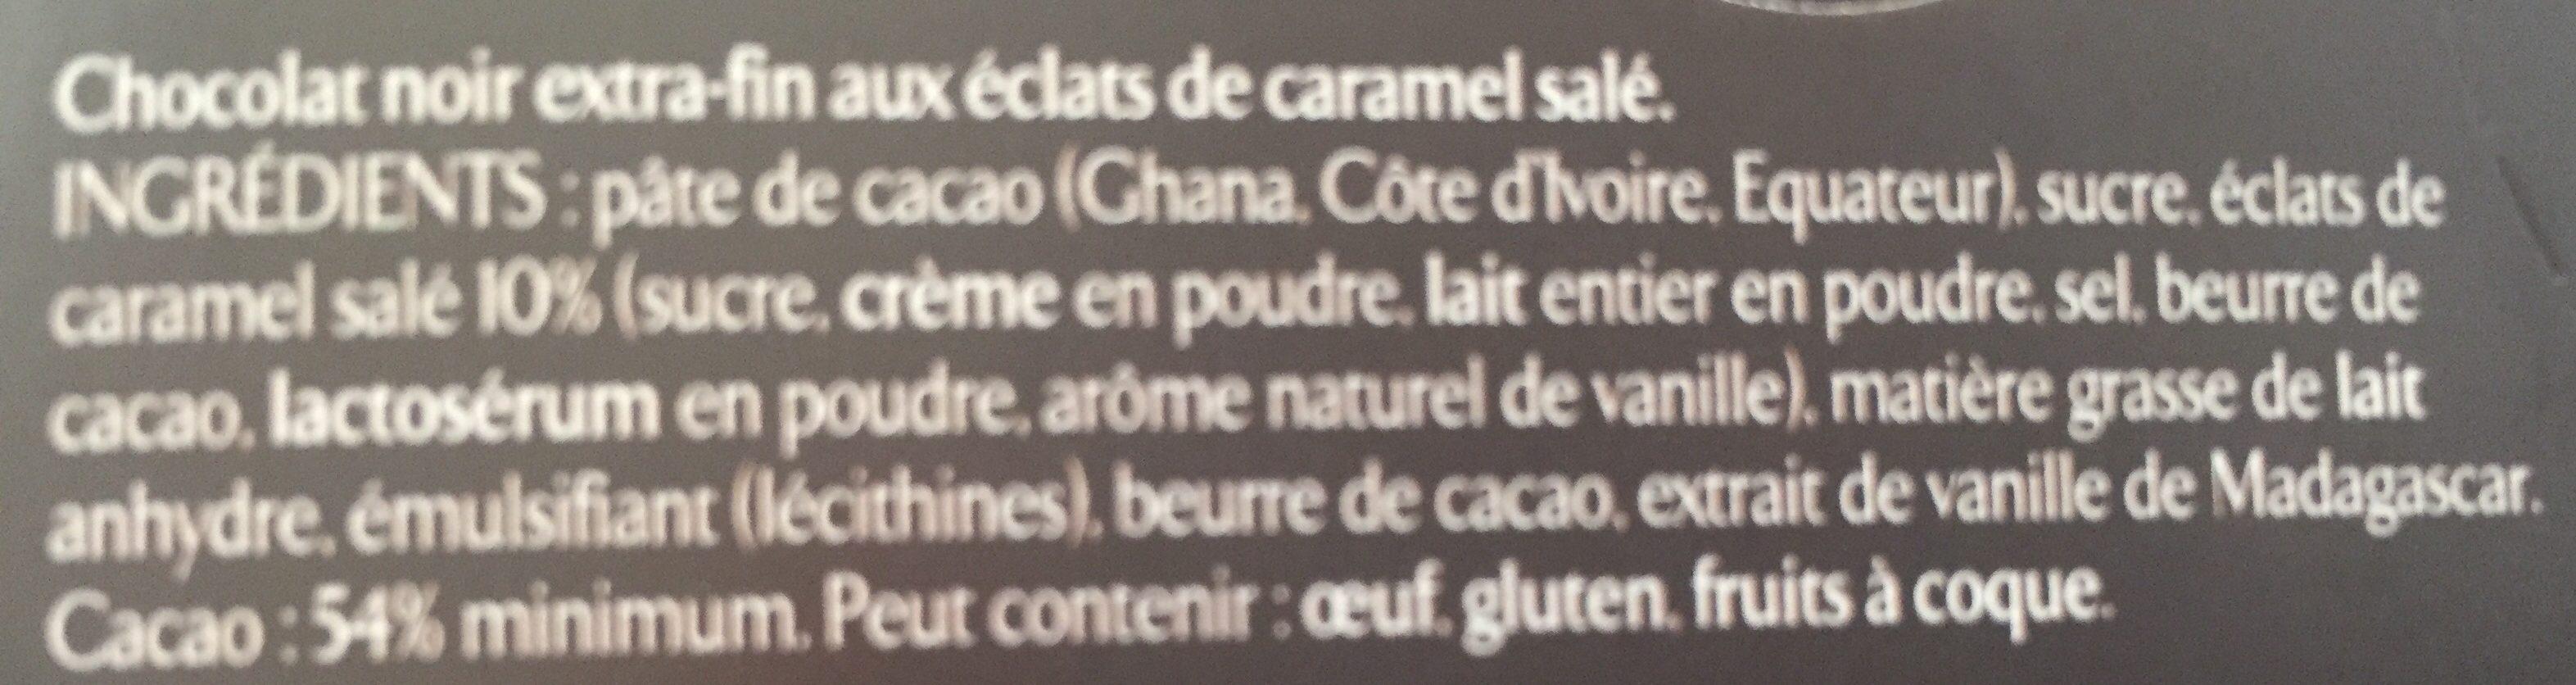 Les recettes de l'atelier Caramel - Ingredients